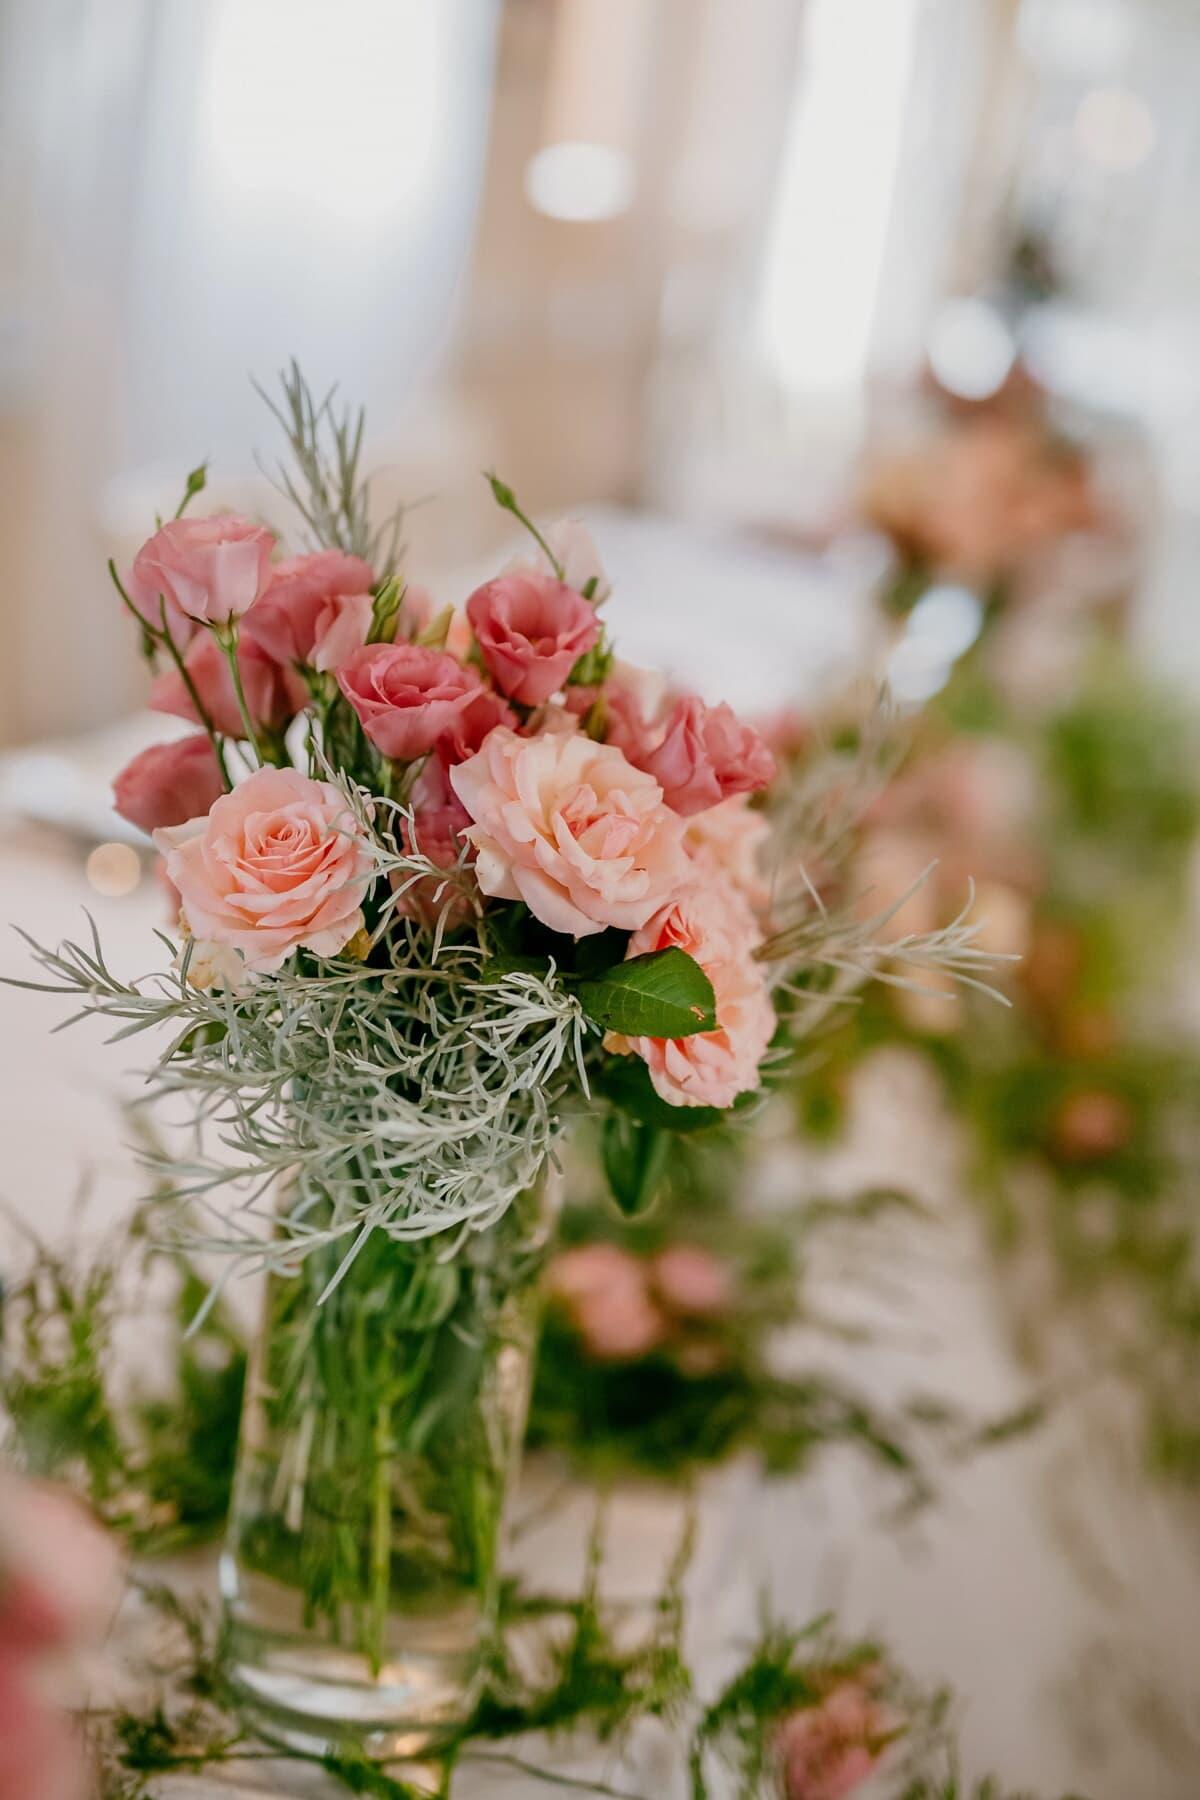 Nelke, Rosen, Rosa, Vase, Blumenstrauß, Rosa, Dekoration, Anordnung, Blume, Blumen